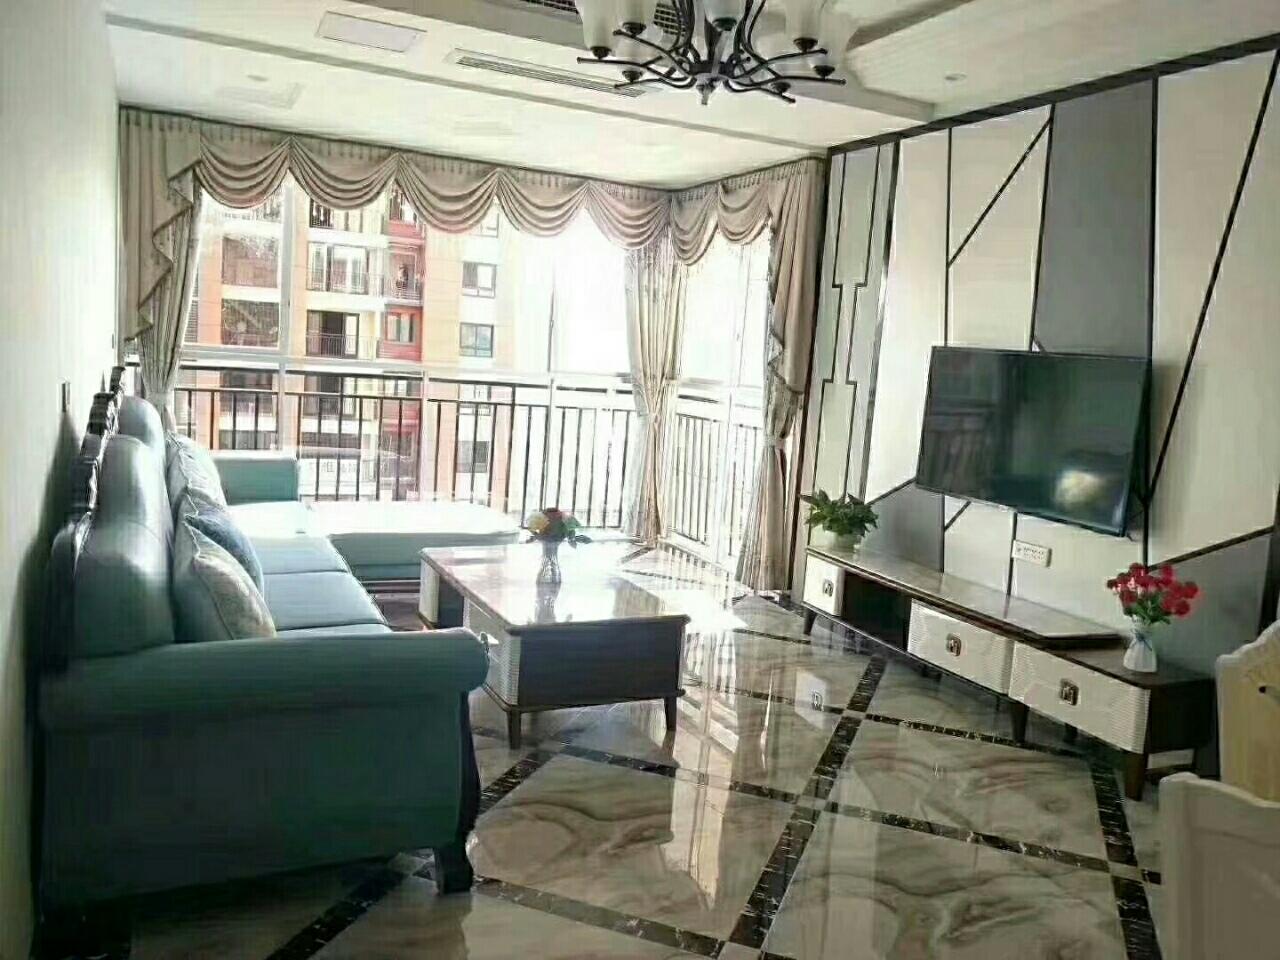 云玺台清水房全新装修,带家具家电出售,3室 2厅 2卫86万元